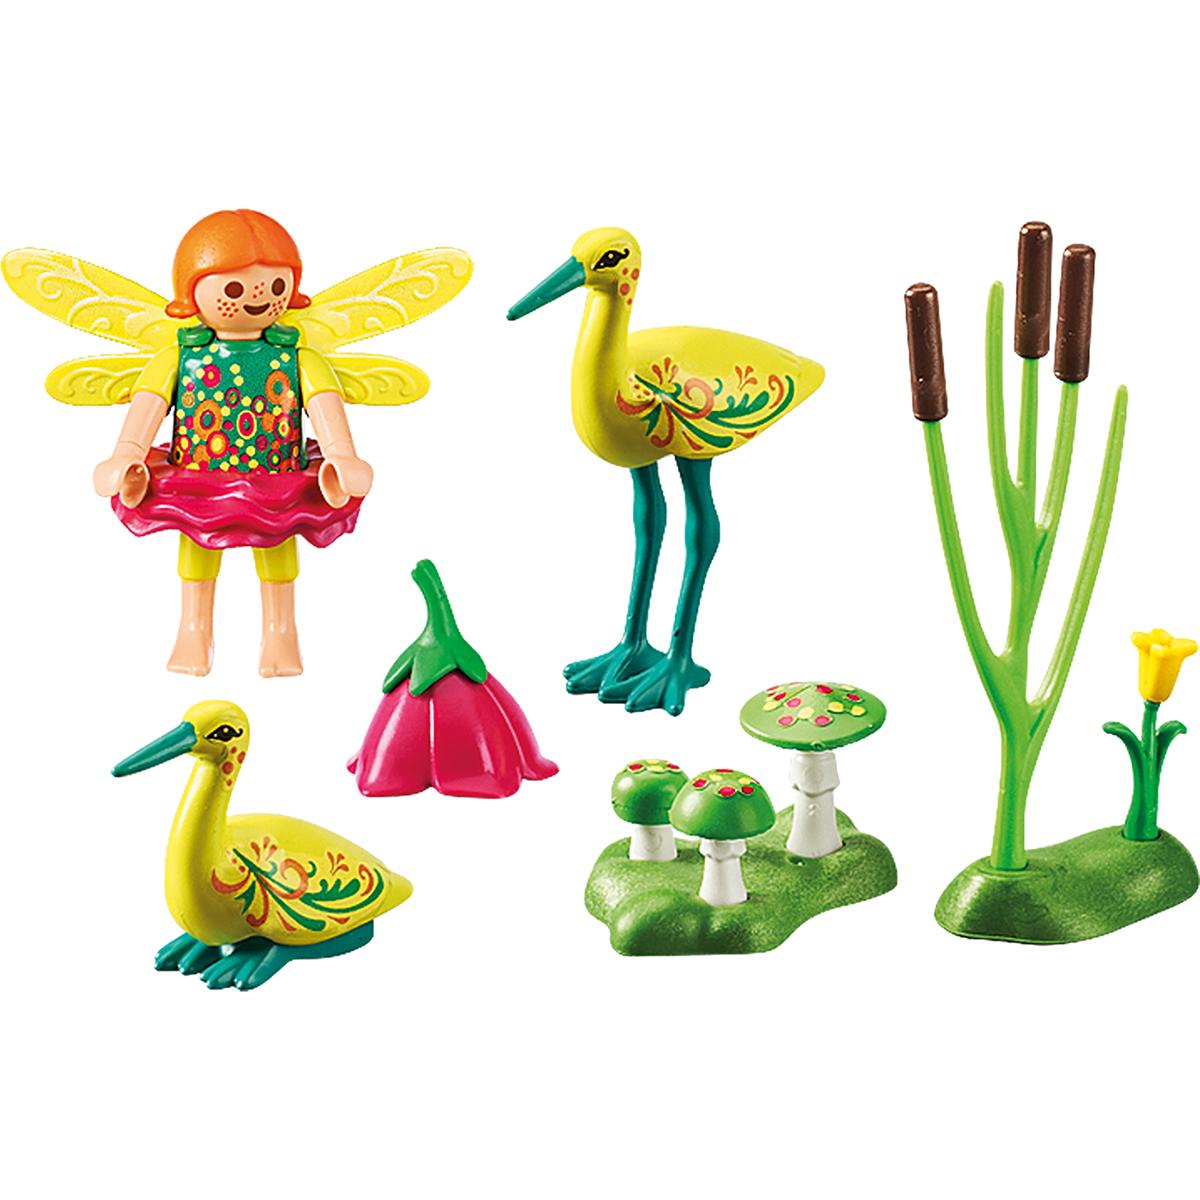 Фото - Игровой набор Playmobil Феи: Девочка-фея с аистами playmobil игровой набор фермер с домашними животными